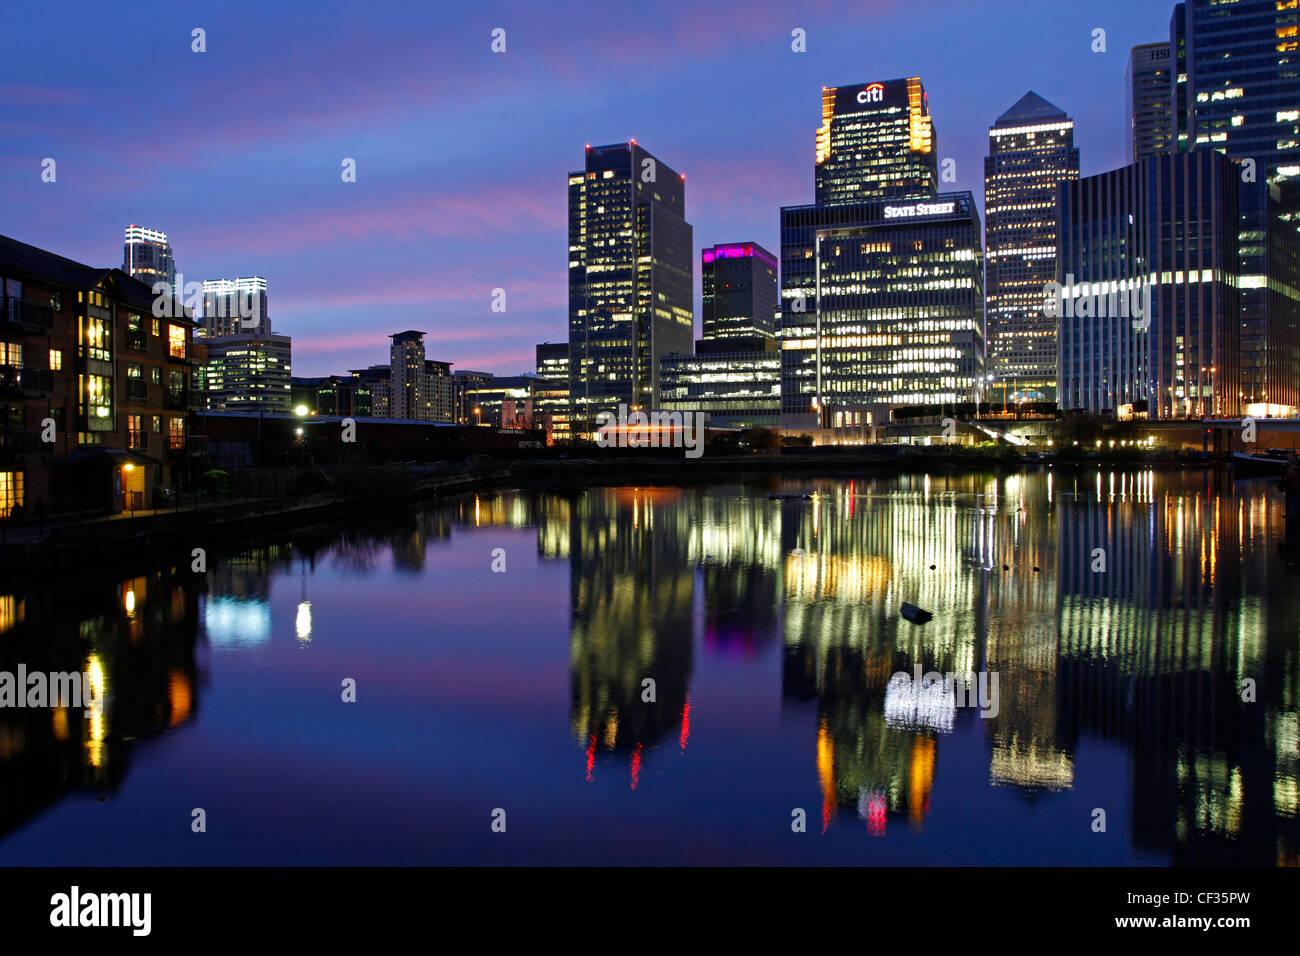 Gratte-ciel à Canary Wharf allumé au crépuscule. Banque D'Images